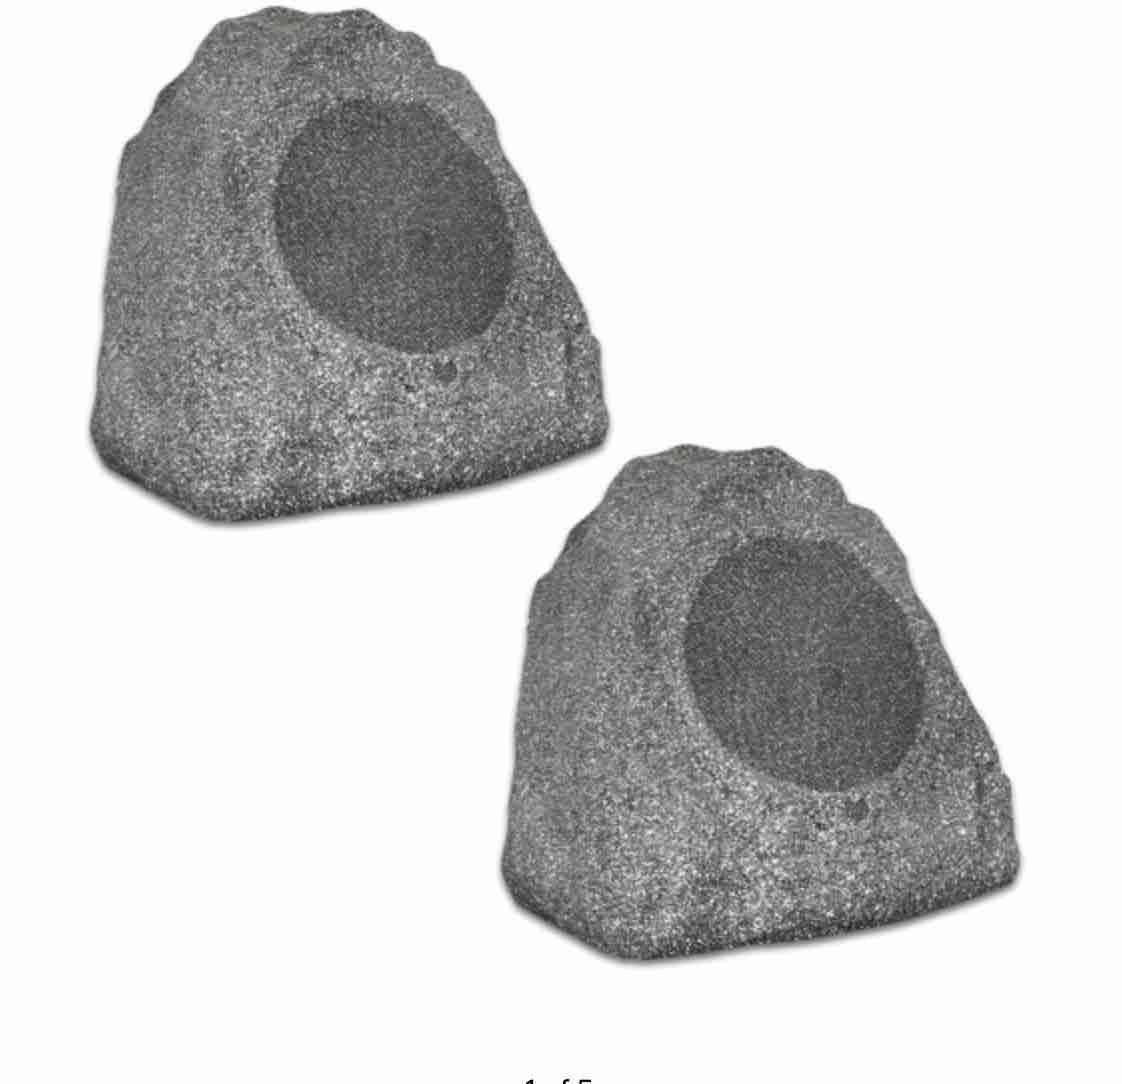 rock outdoor speakers